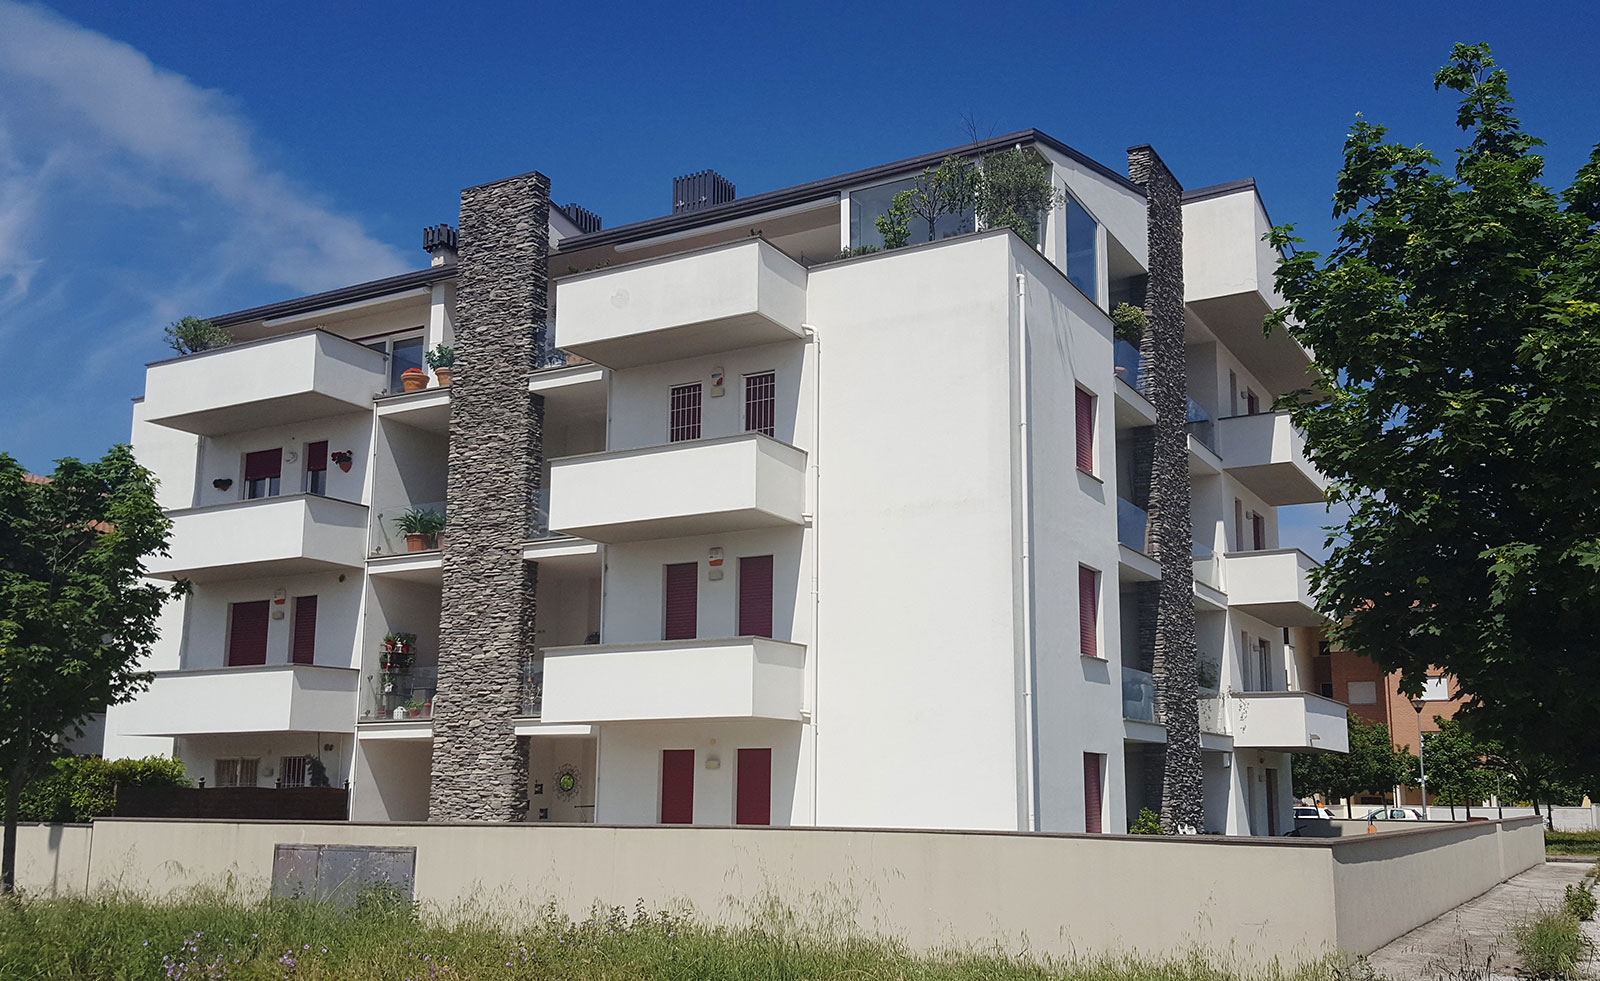 residenza-blumone-05